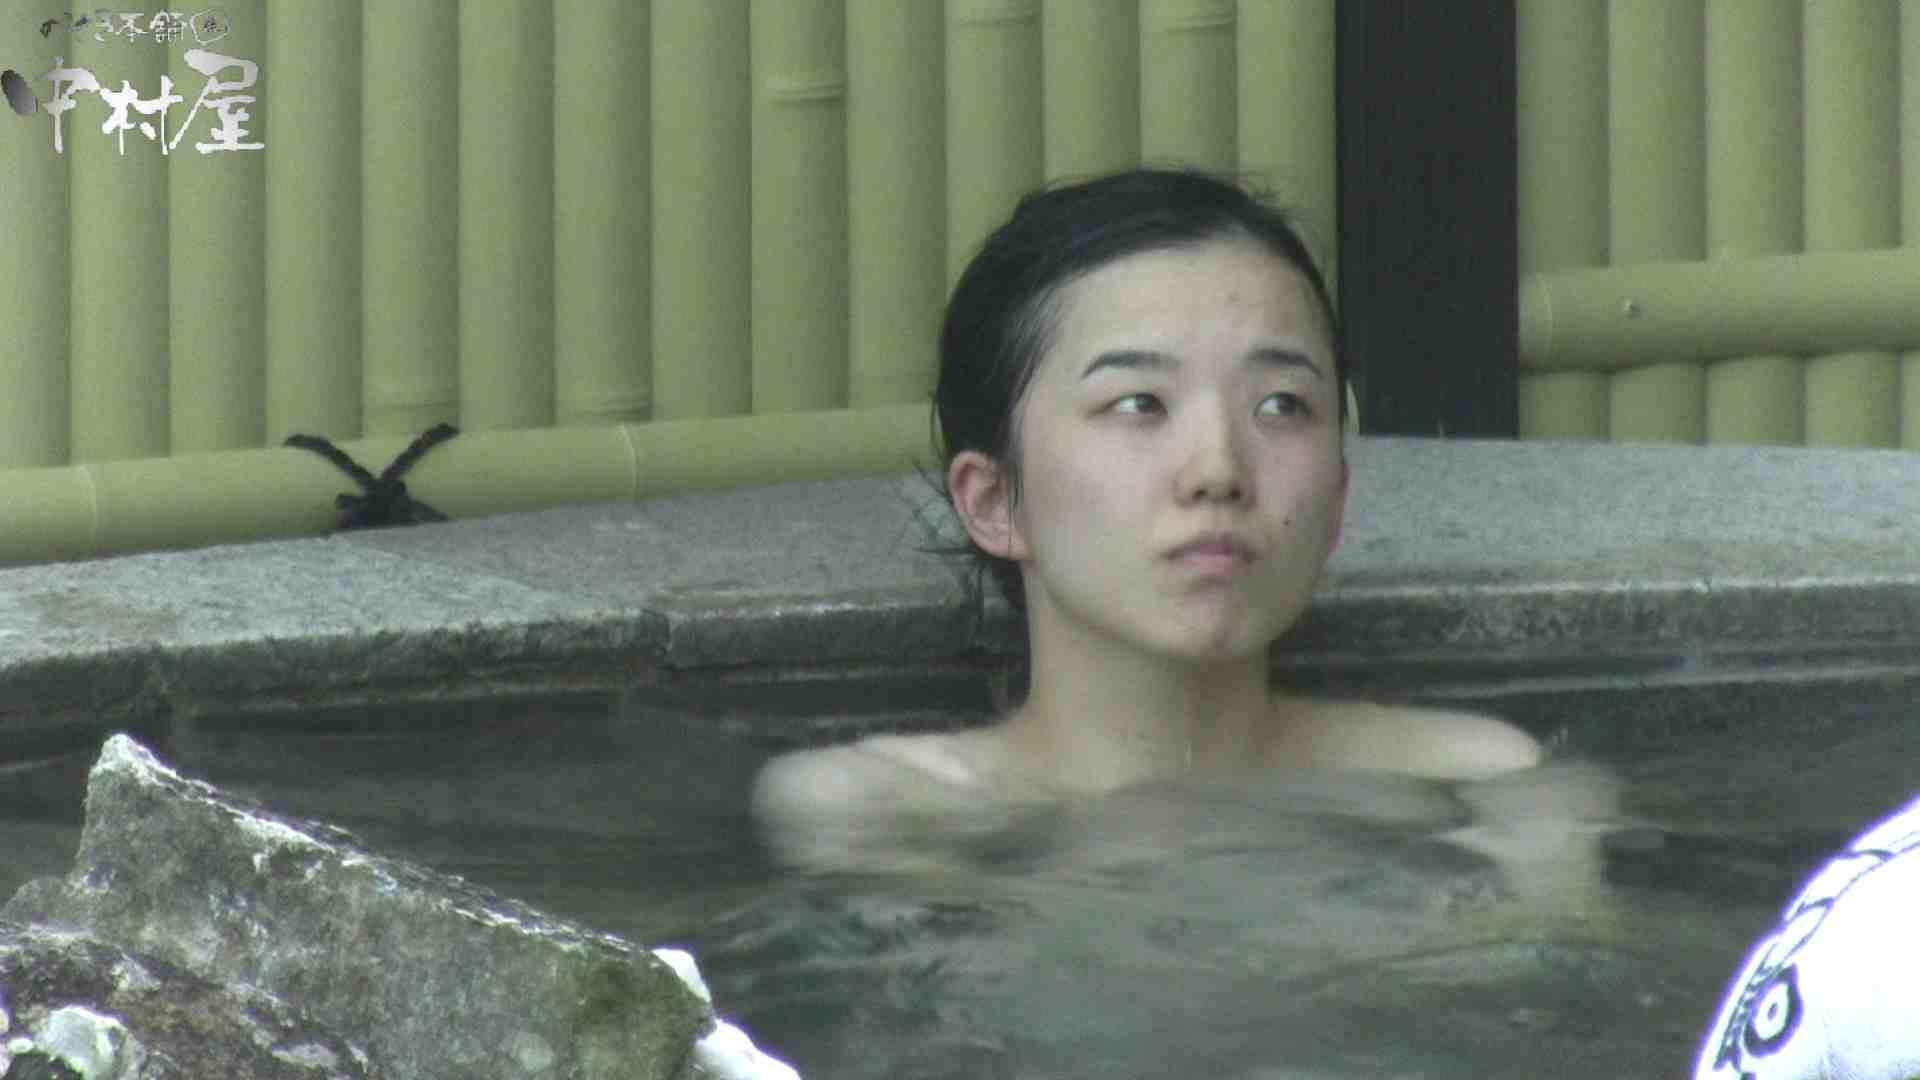 Aquaな露天風呂Vol.908 露天   盗撮  81pic 58